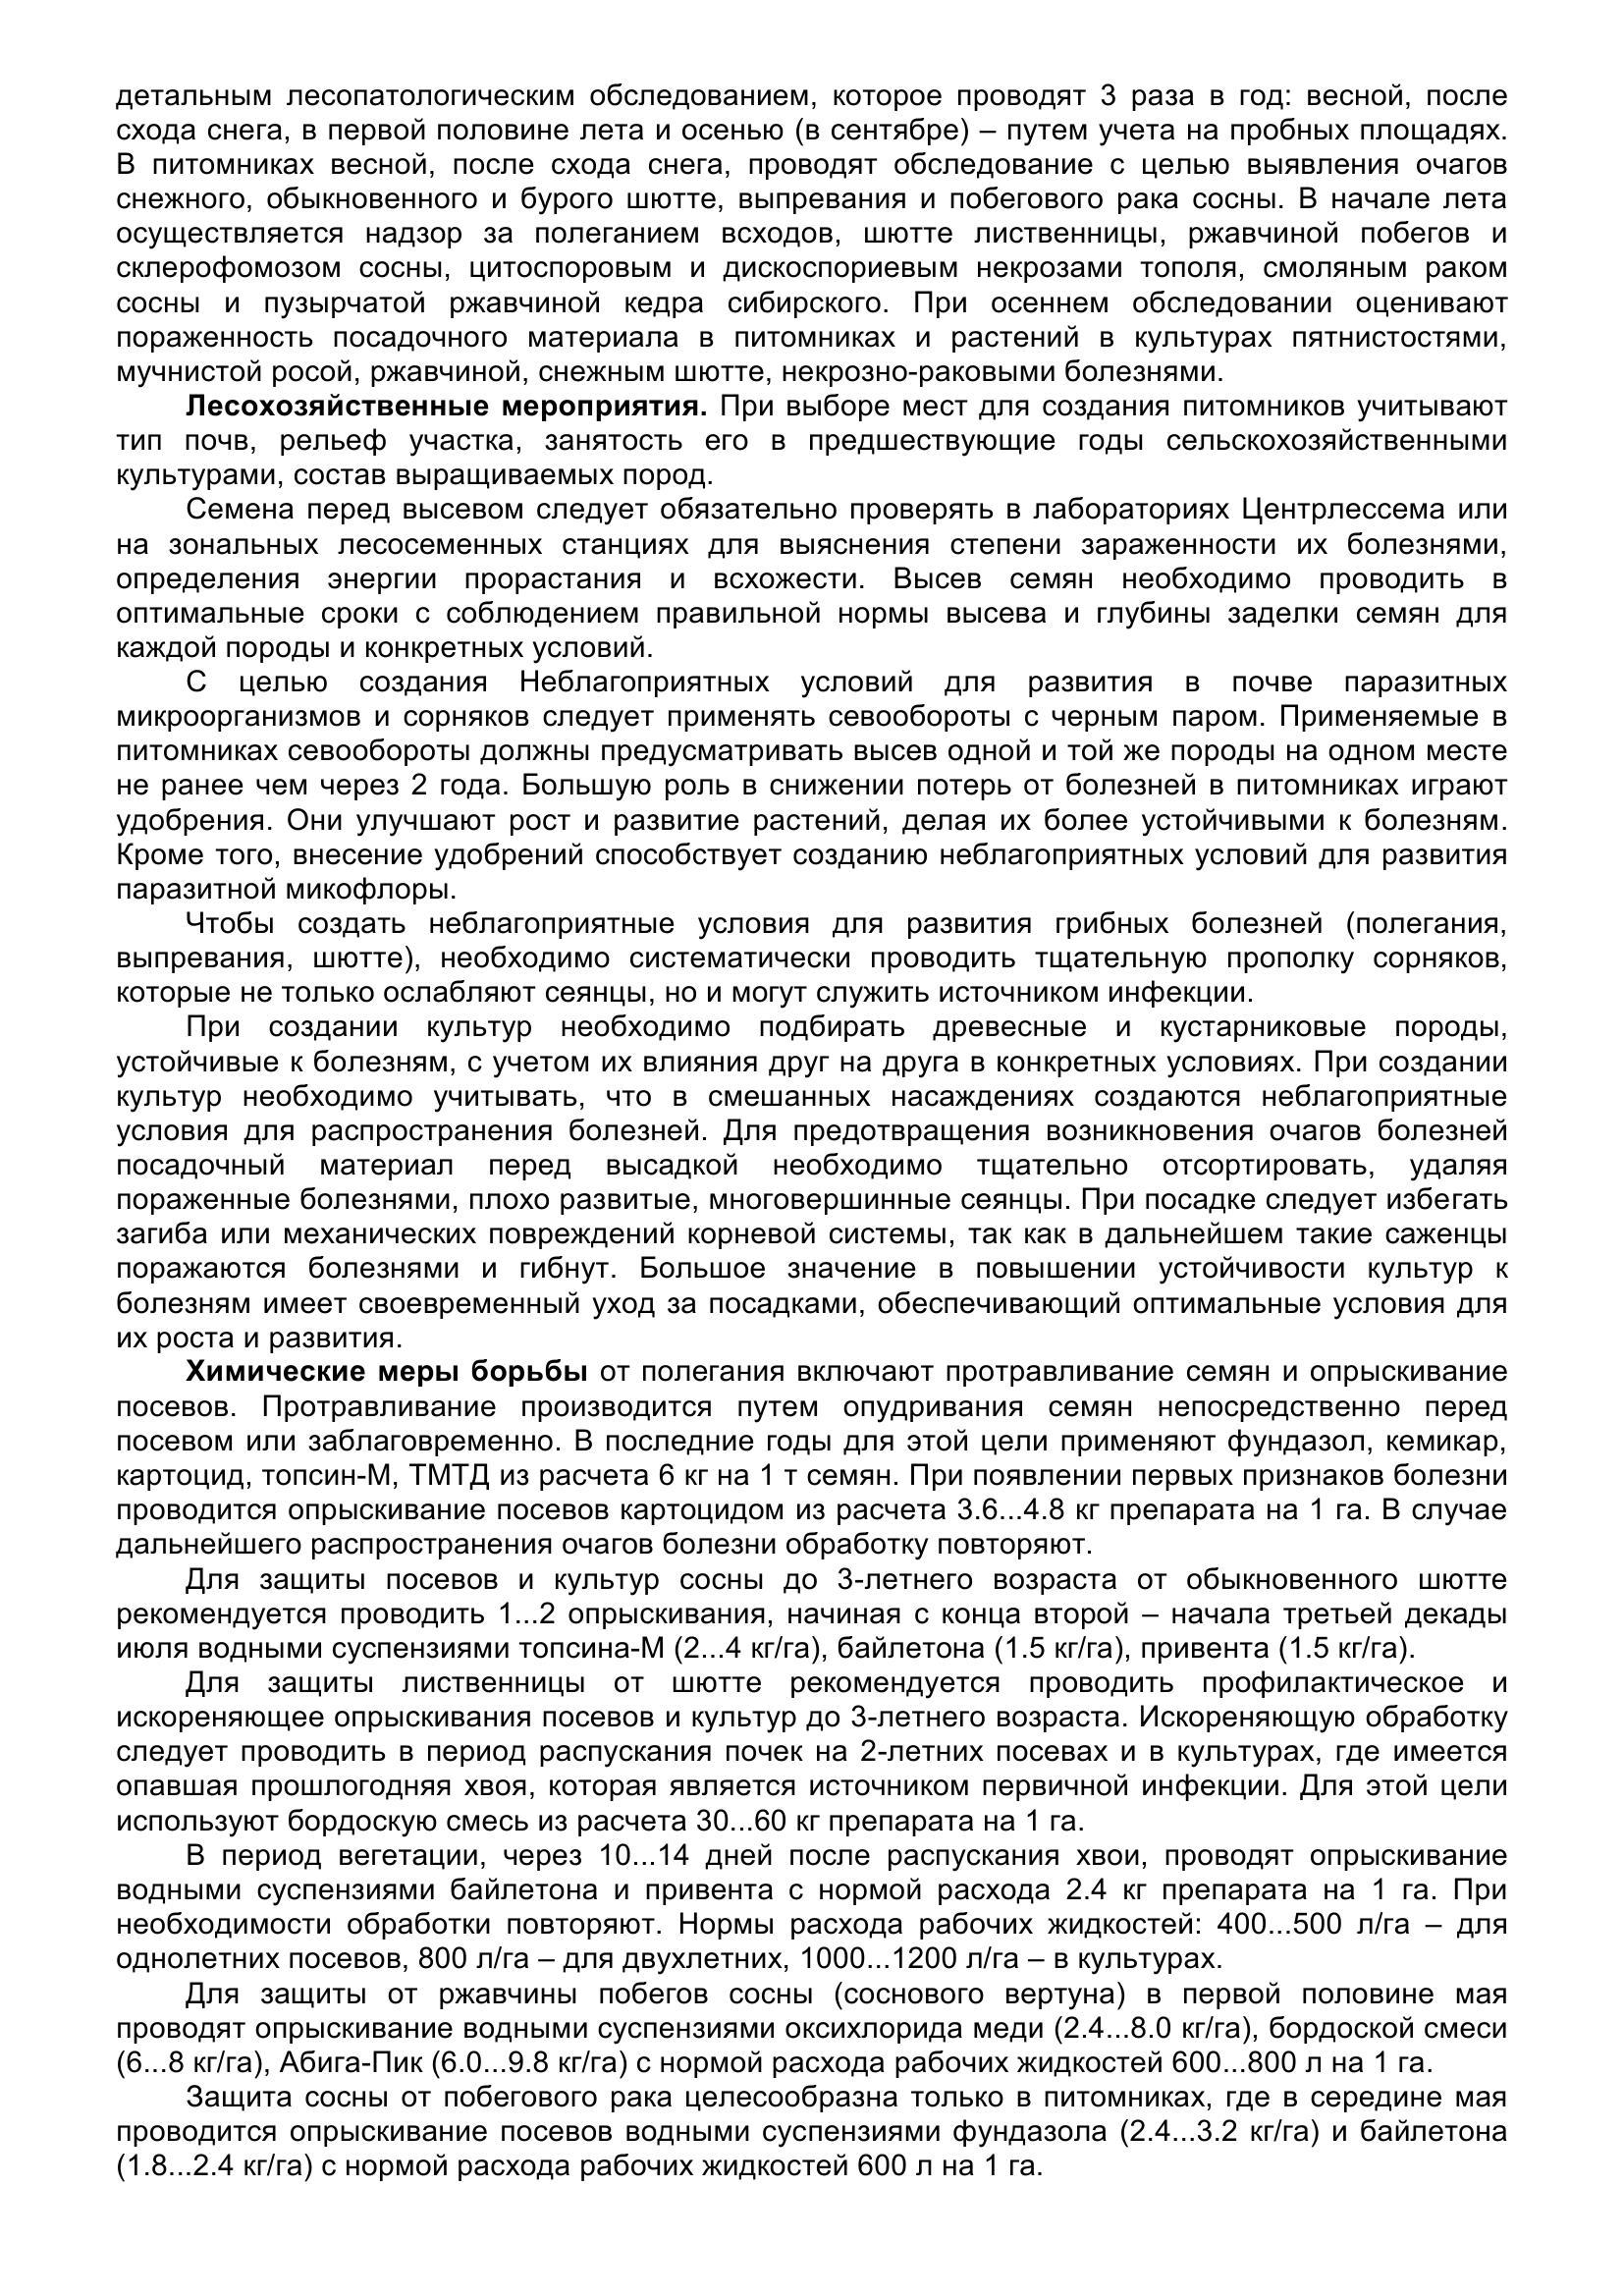 Болезни_древесных_растений_105.jpg